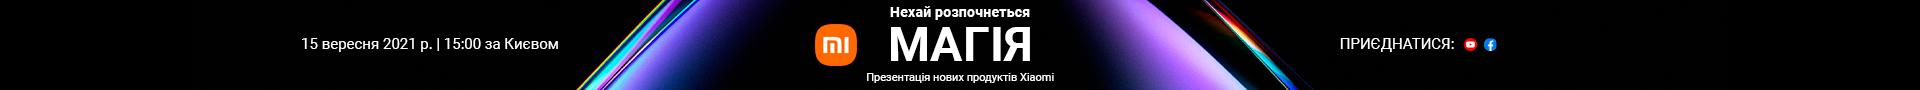 1920x90_a32-72